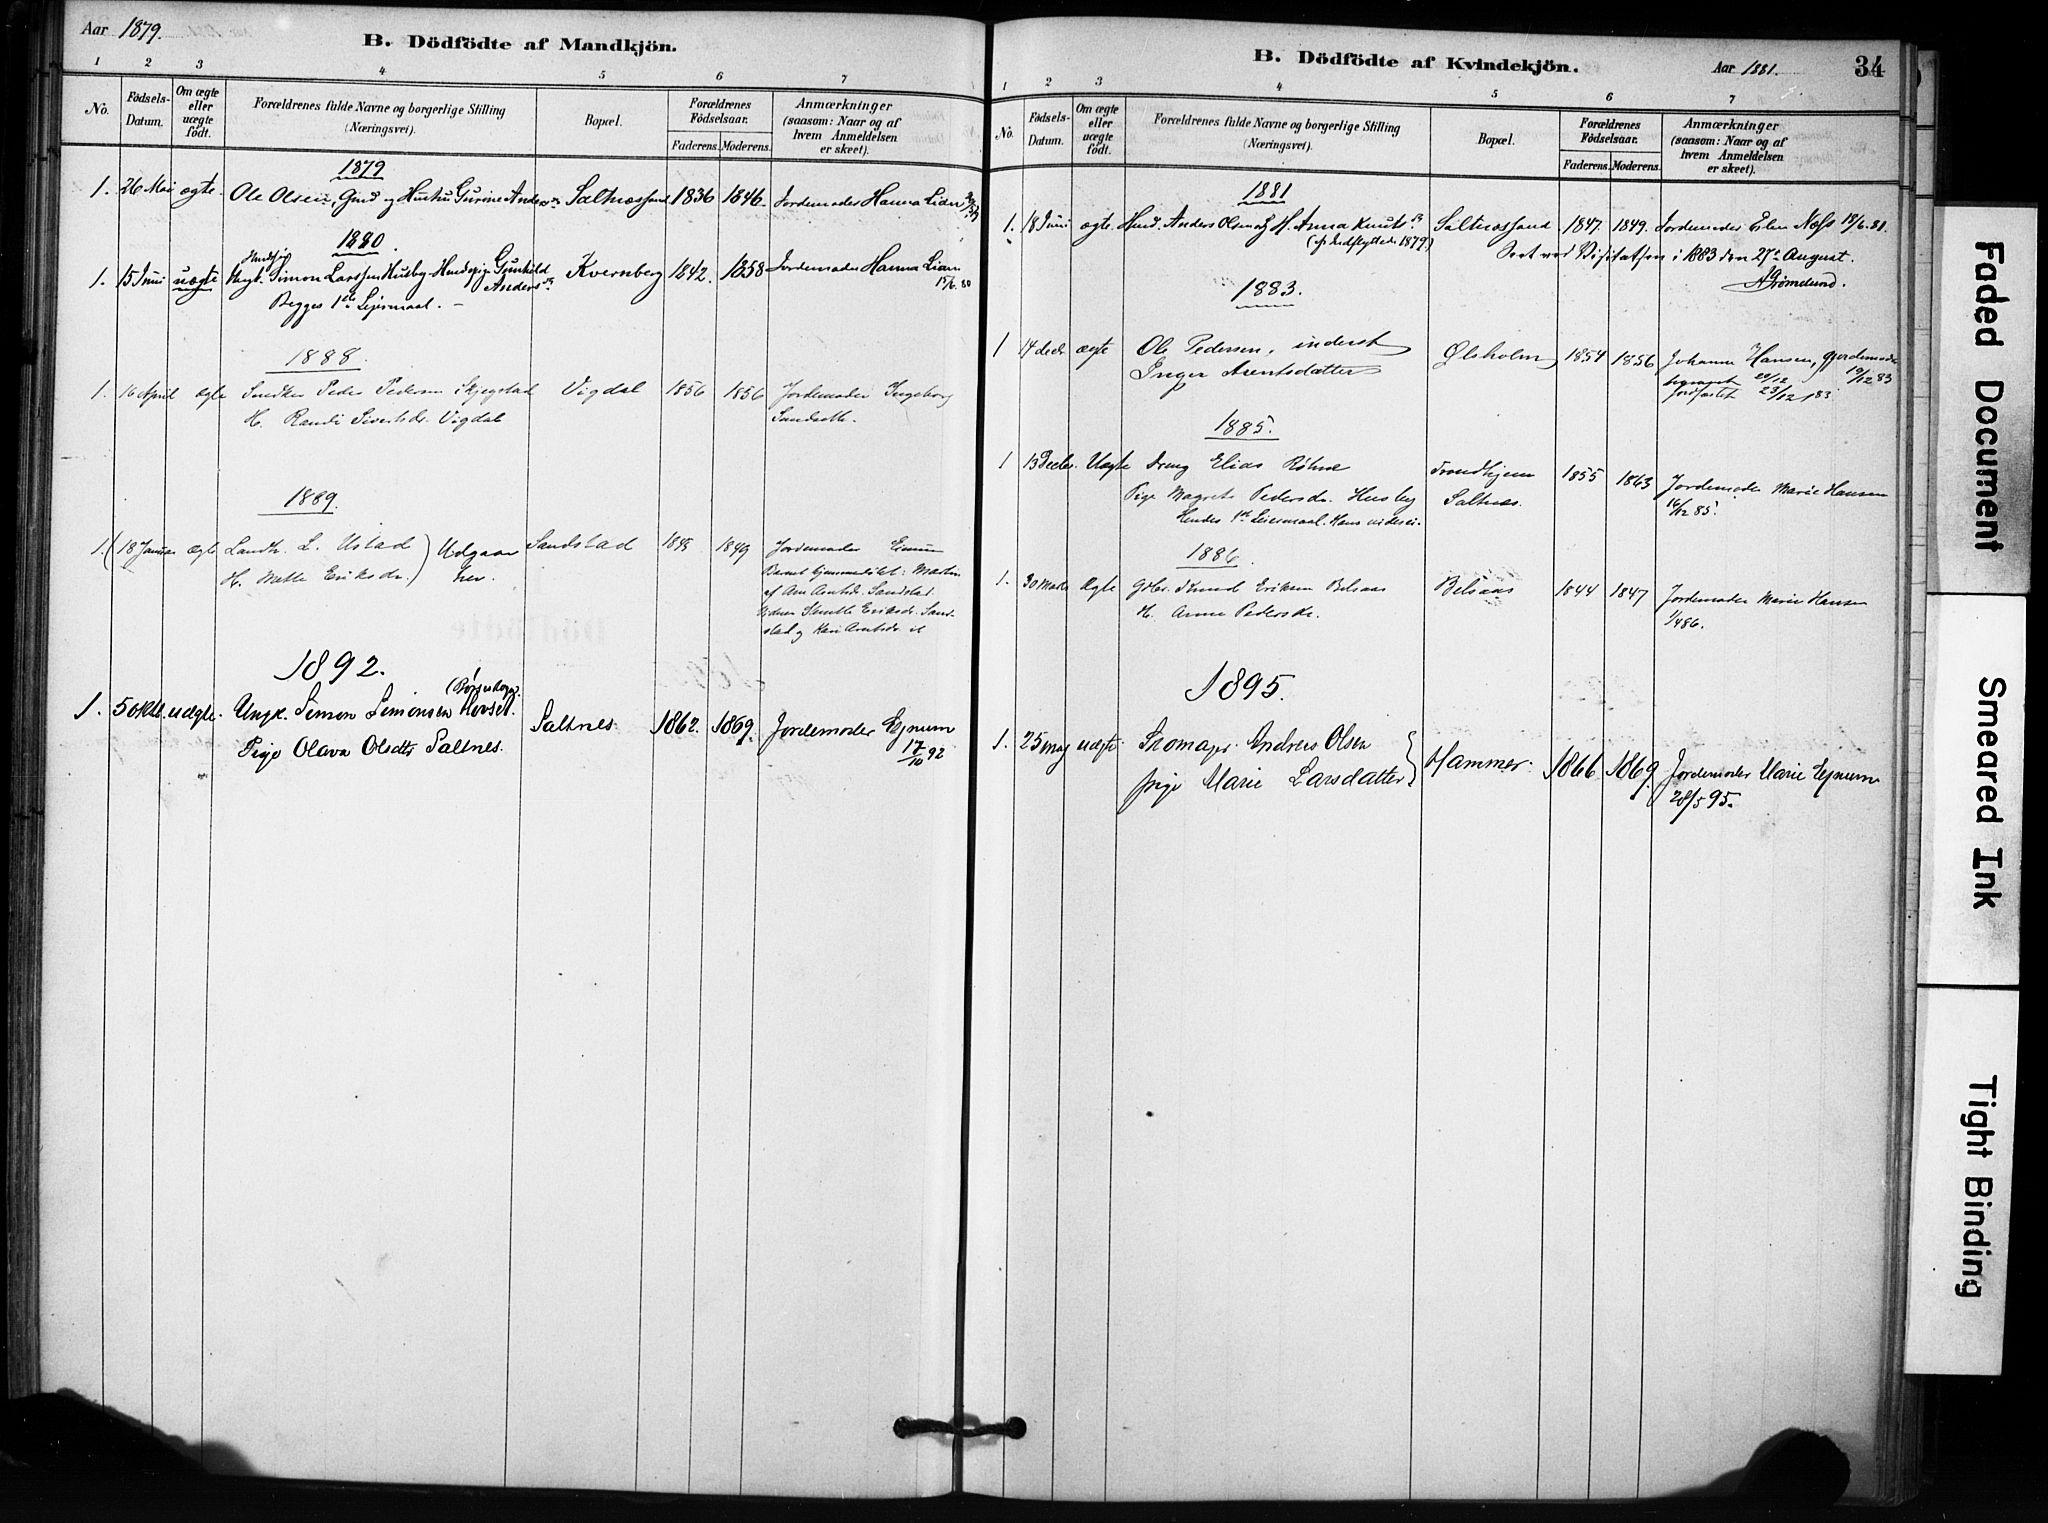 SAT, Ministerialprotokoller, klokkerbøker og fødselsregistre - Sør-Trøndelag, 666/L0786: Ministerialbok nr. 666A04, 1878-1895, s. 34